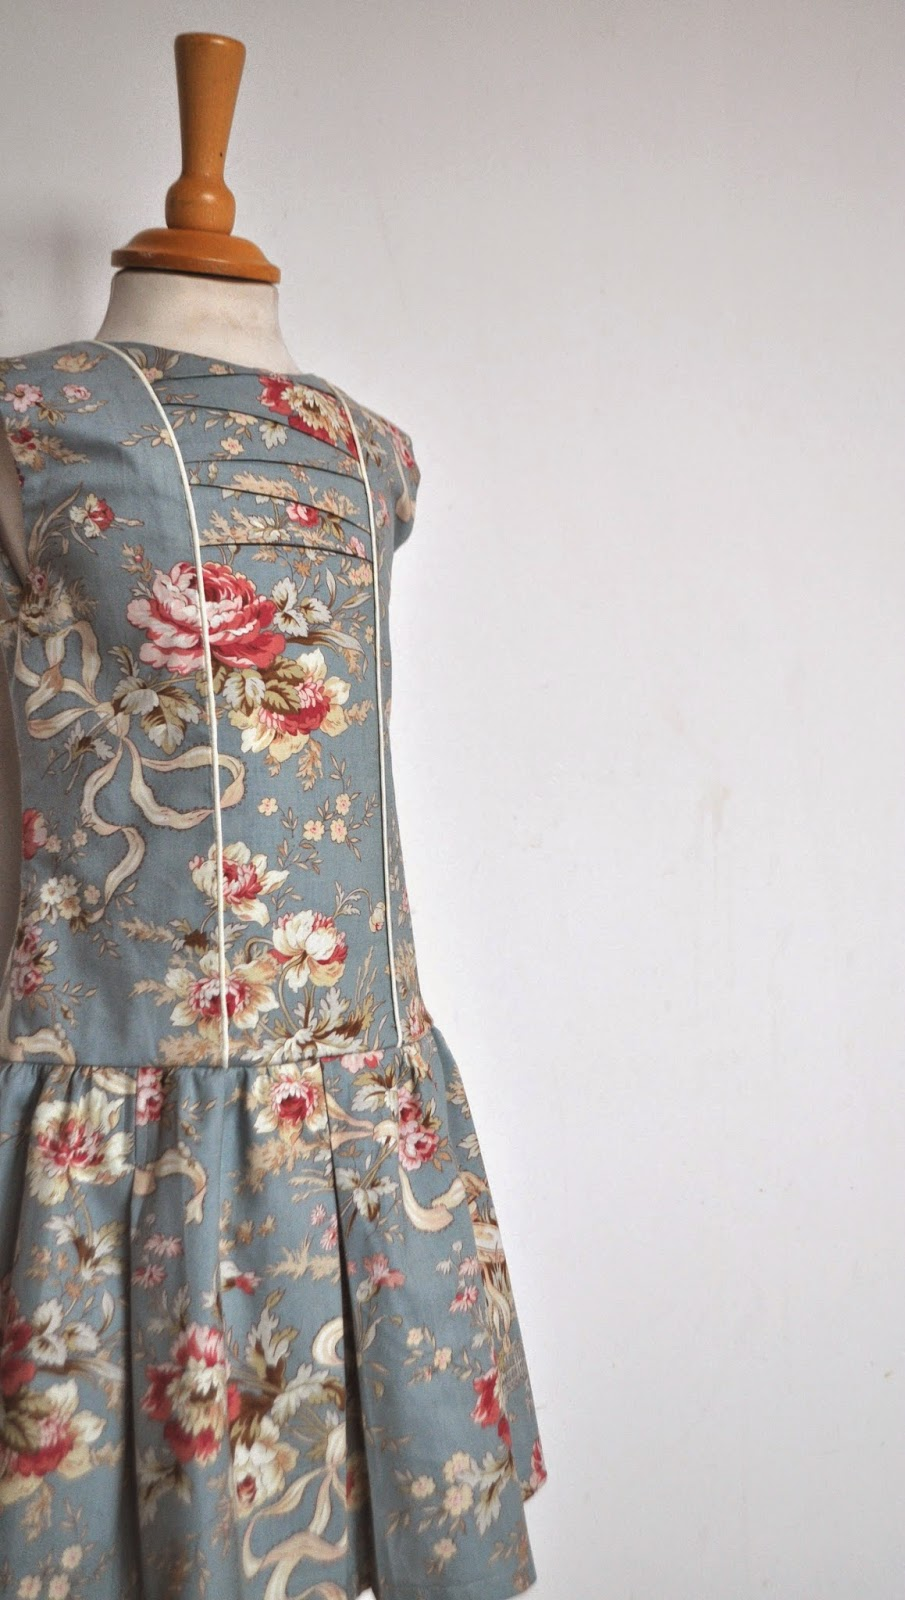 DIY jurk communiejurk communiekleed naaien sewing SVDHZ stof voor durf het zelvers